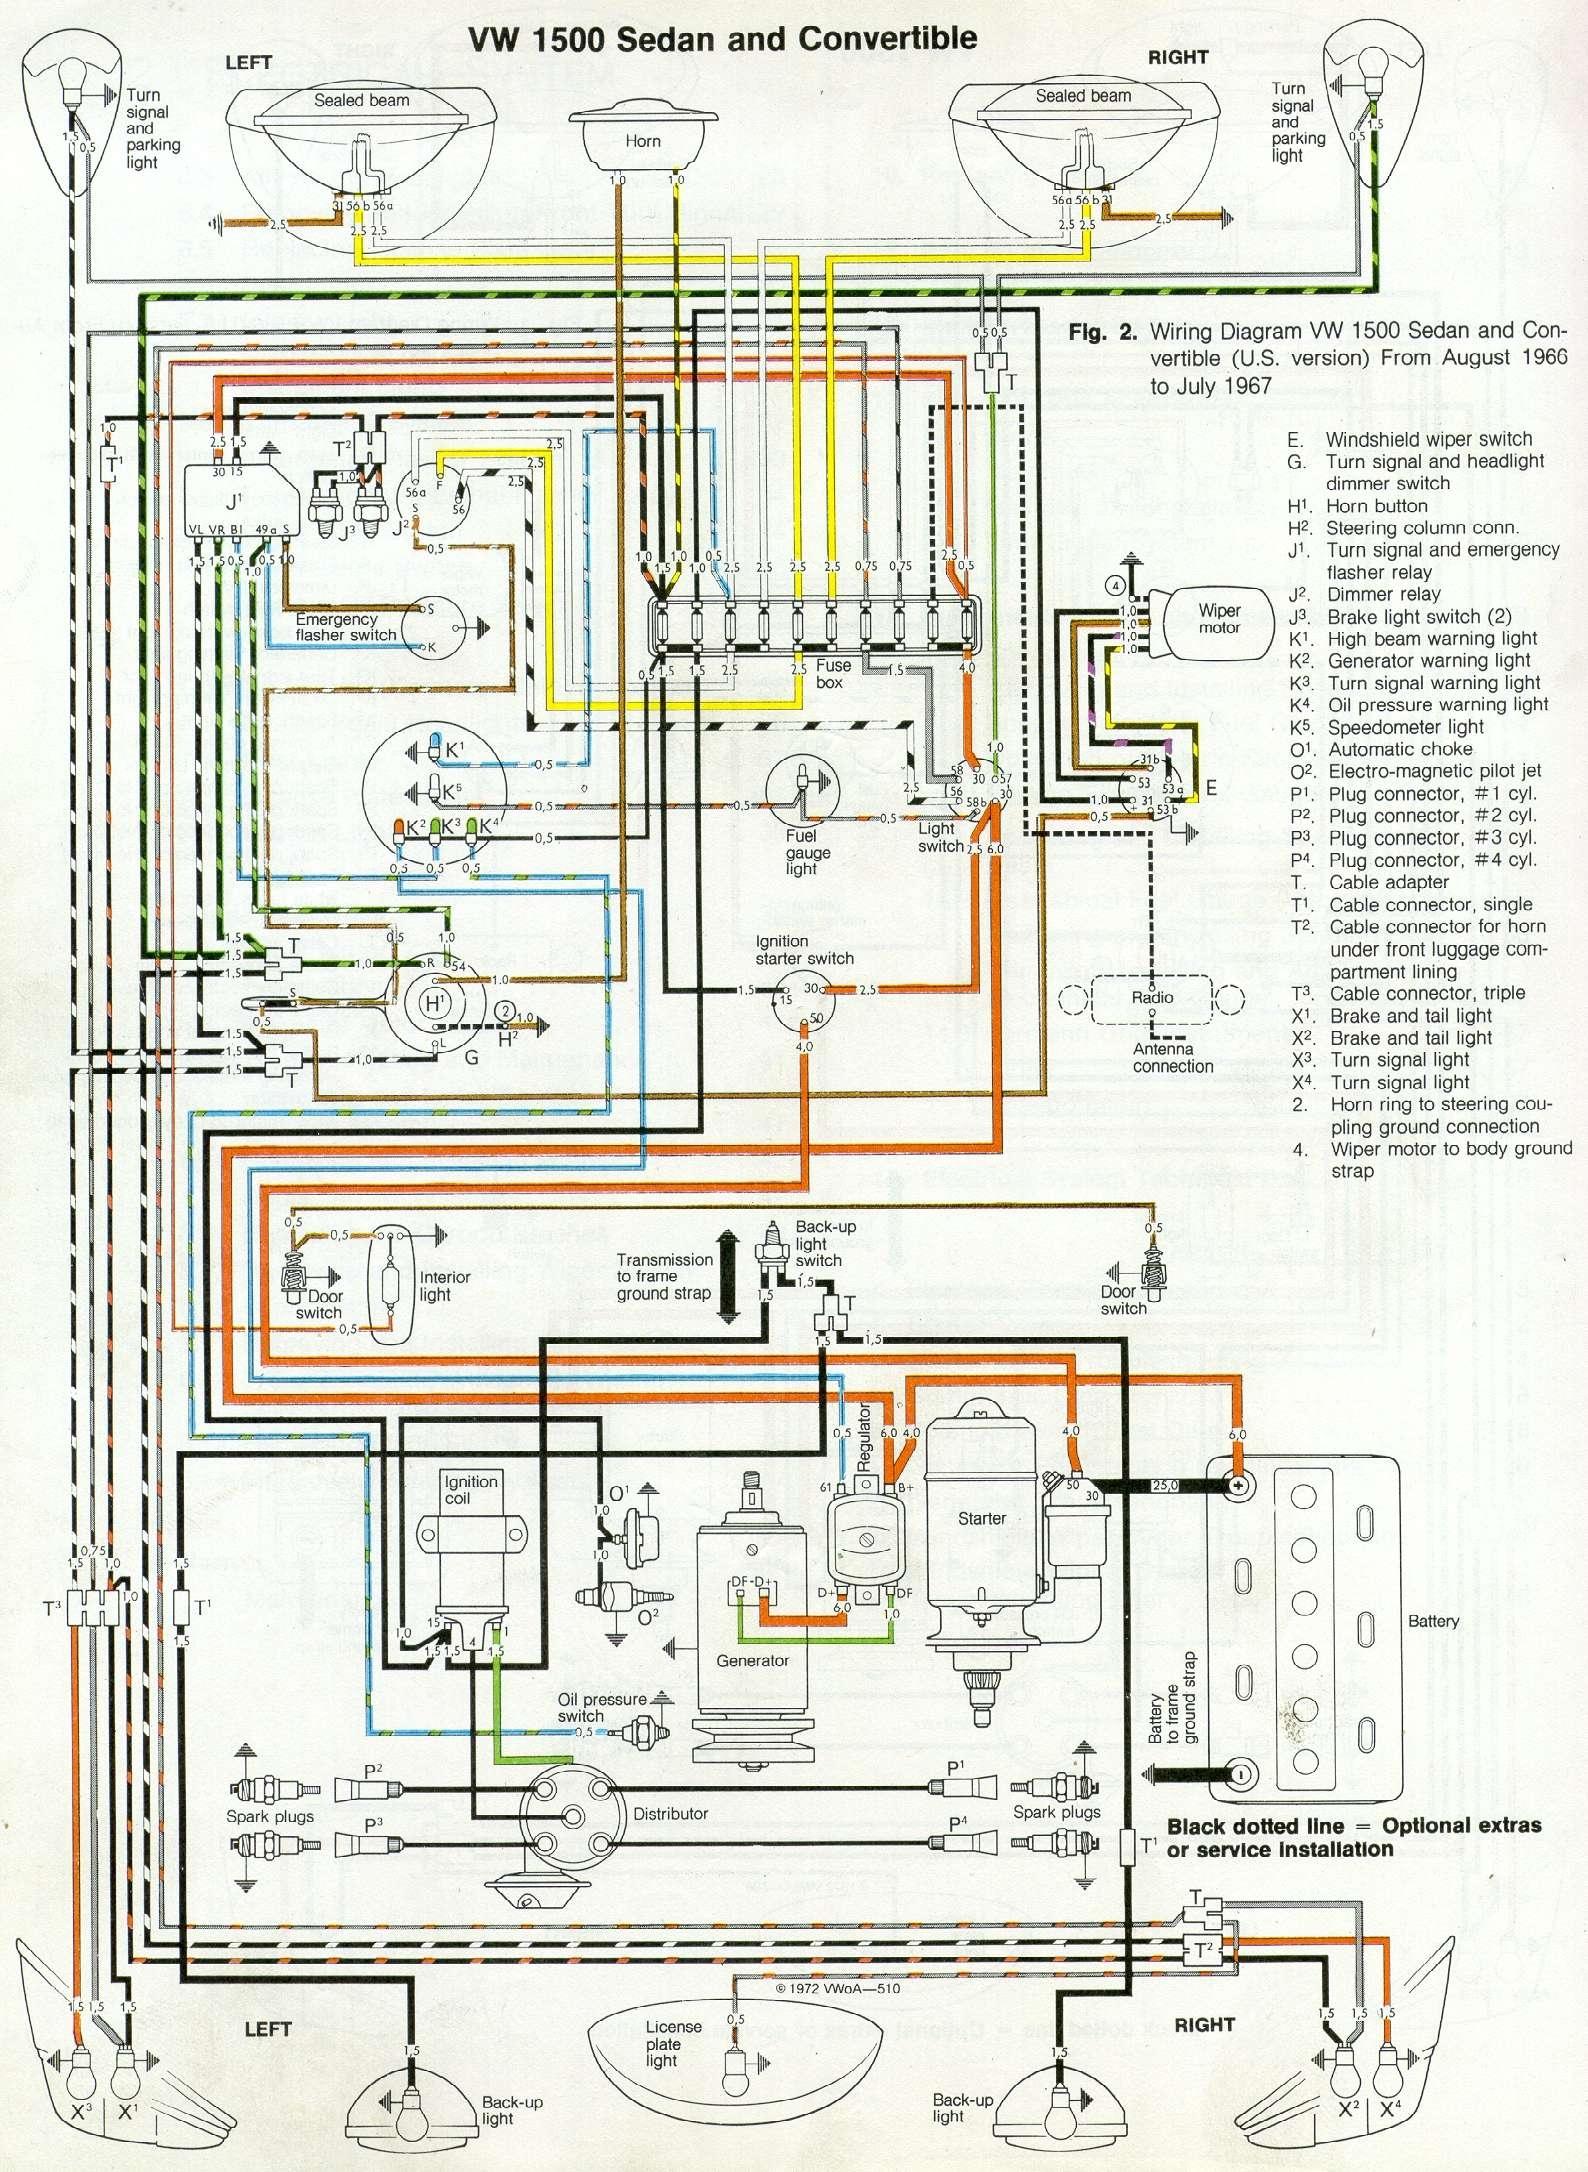 67 beetle wiring diagram u s version 1967 vw beetle on vw wiring diagram vw beetle engine wiring Altornator Wiring Diagrams VW